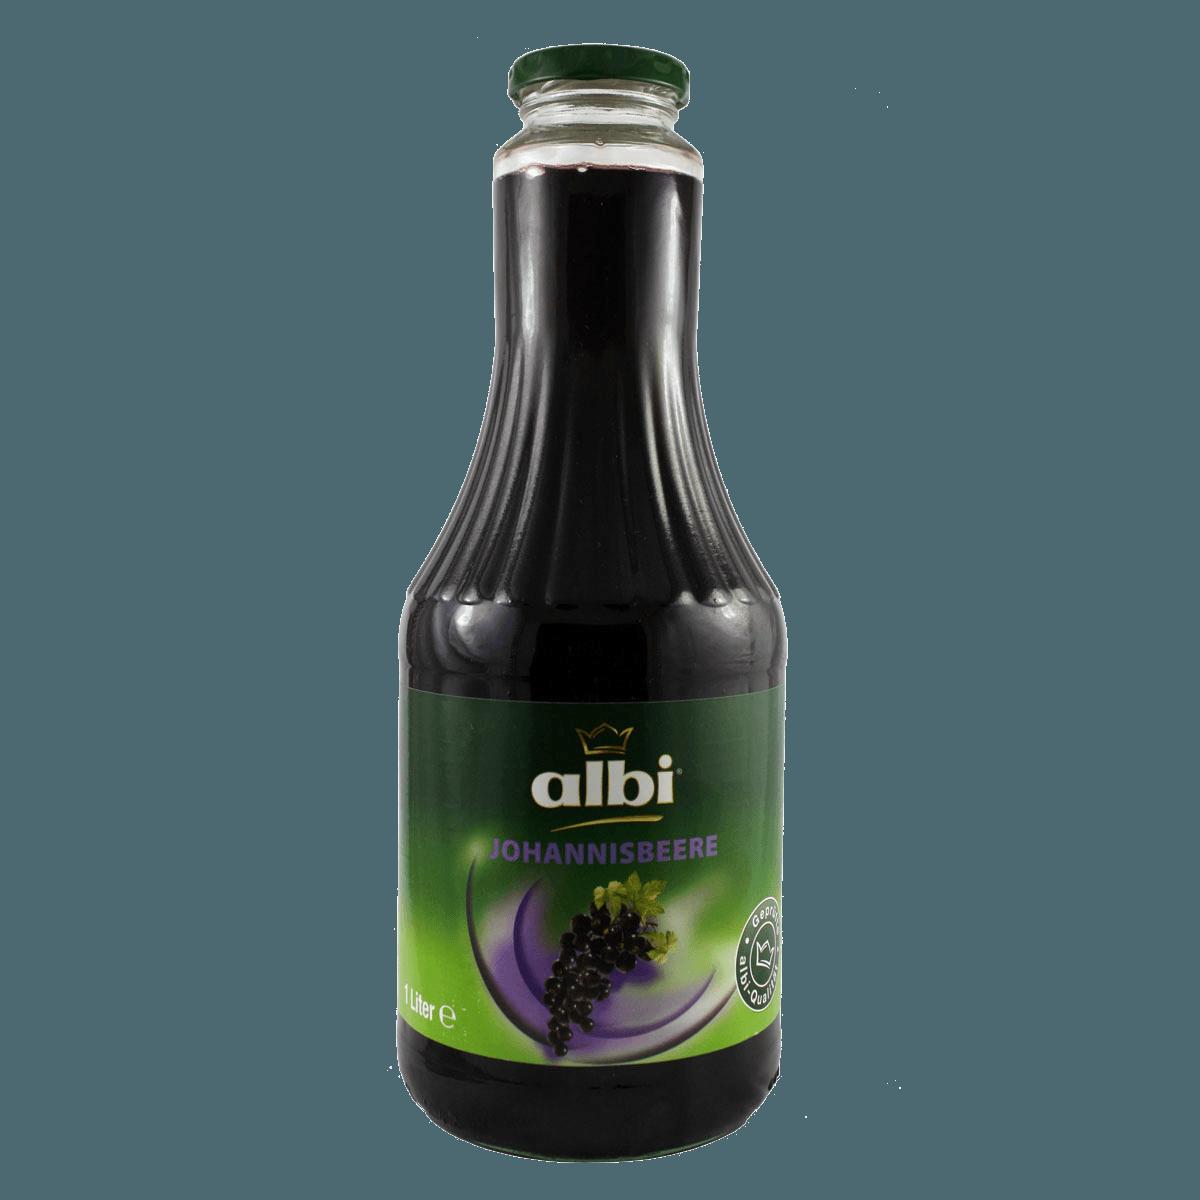 ALBI, напиток из черной смородины 25%, 1.0 л.